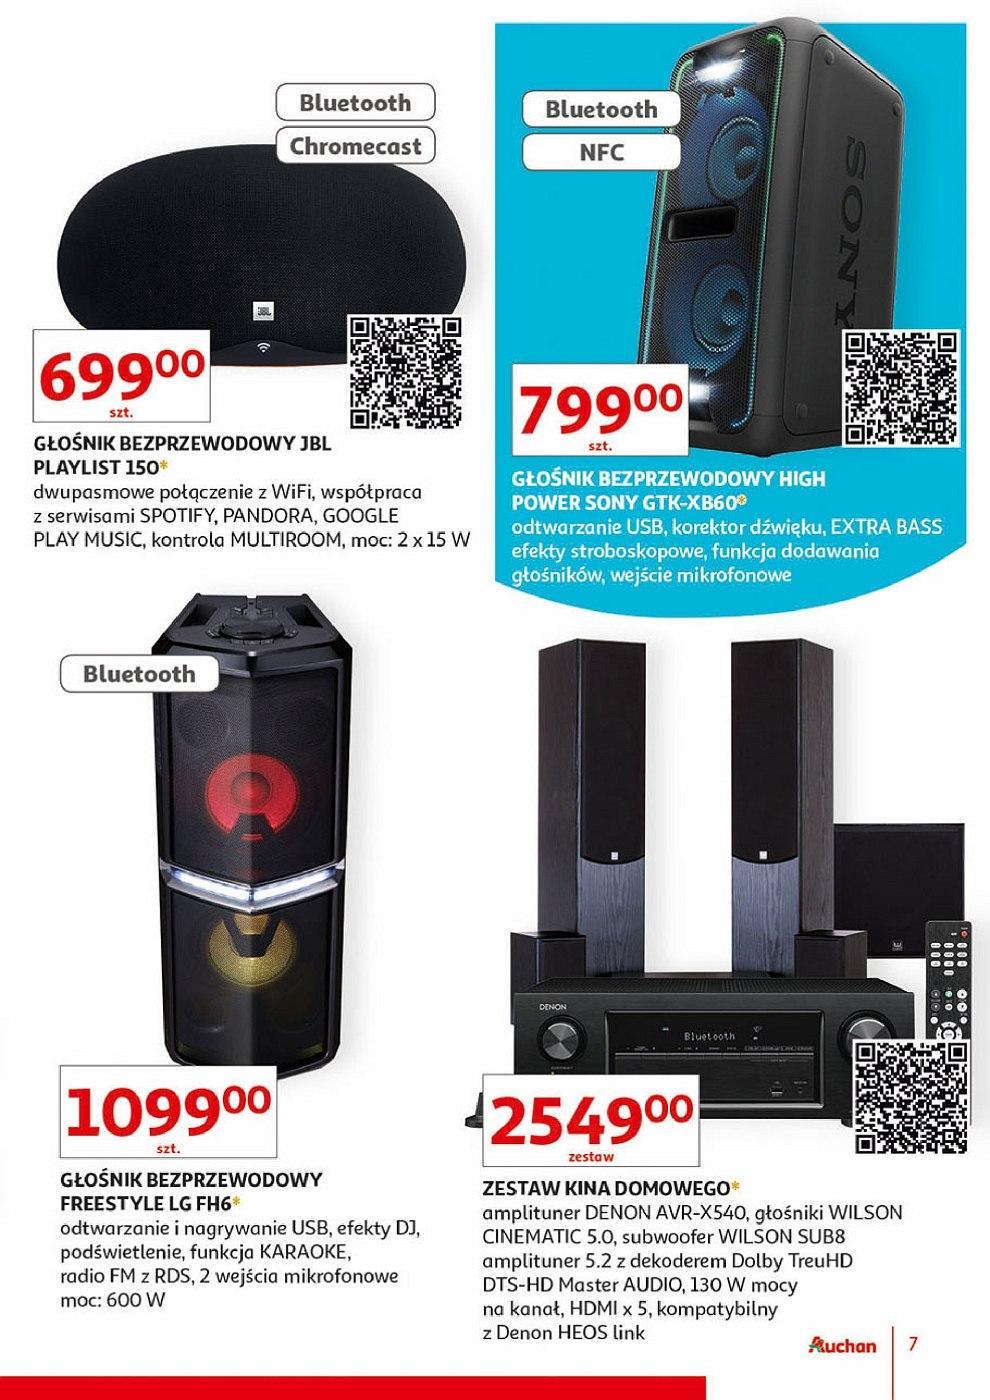 Gazetka promocyjna Auchan do 13/06/2018 str.6